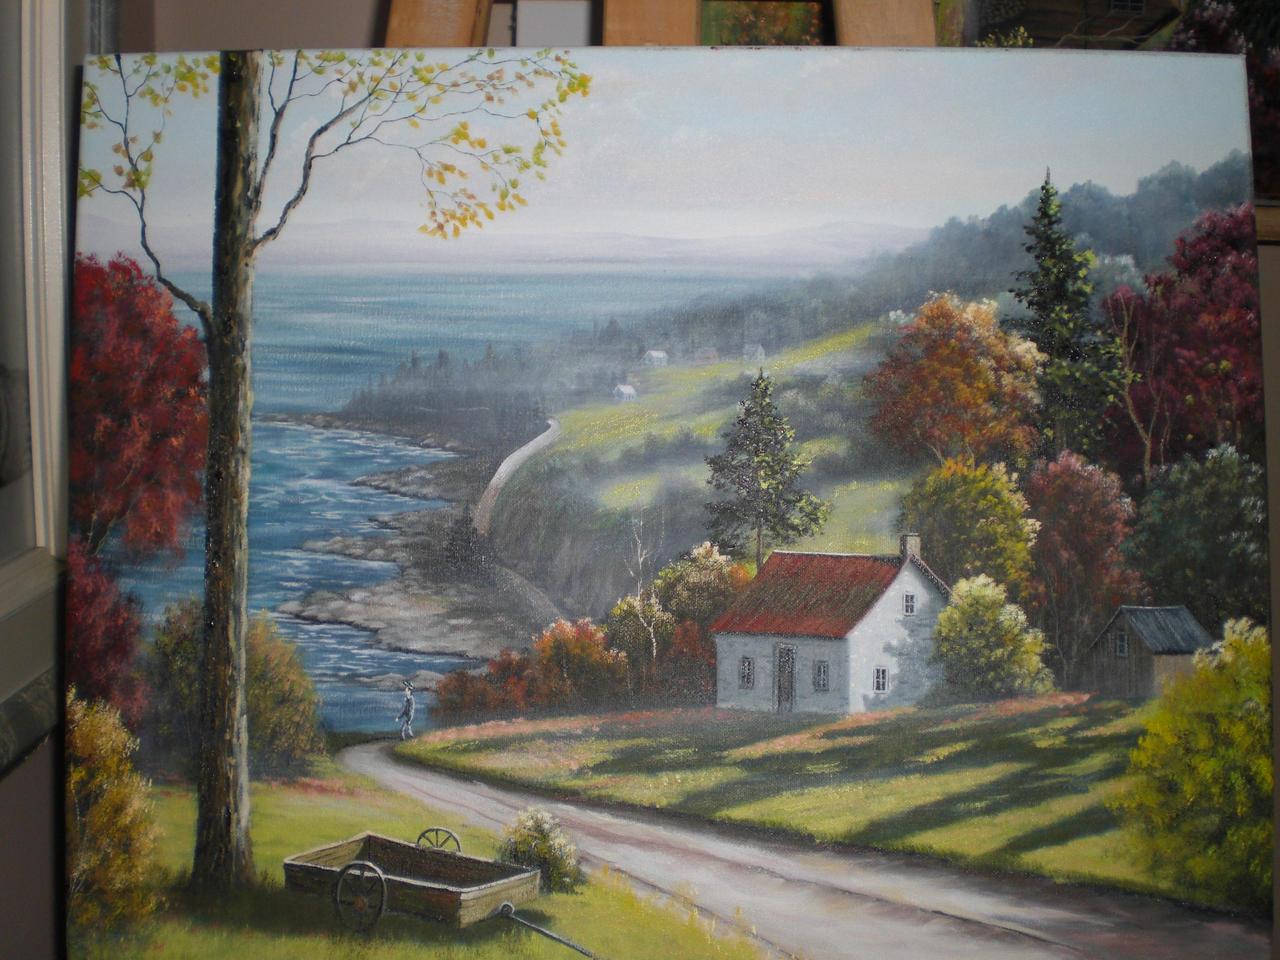 La maison sur la colline by peintre pierrot on deviantart for Maison sur colline